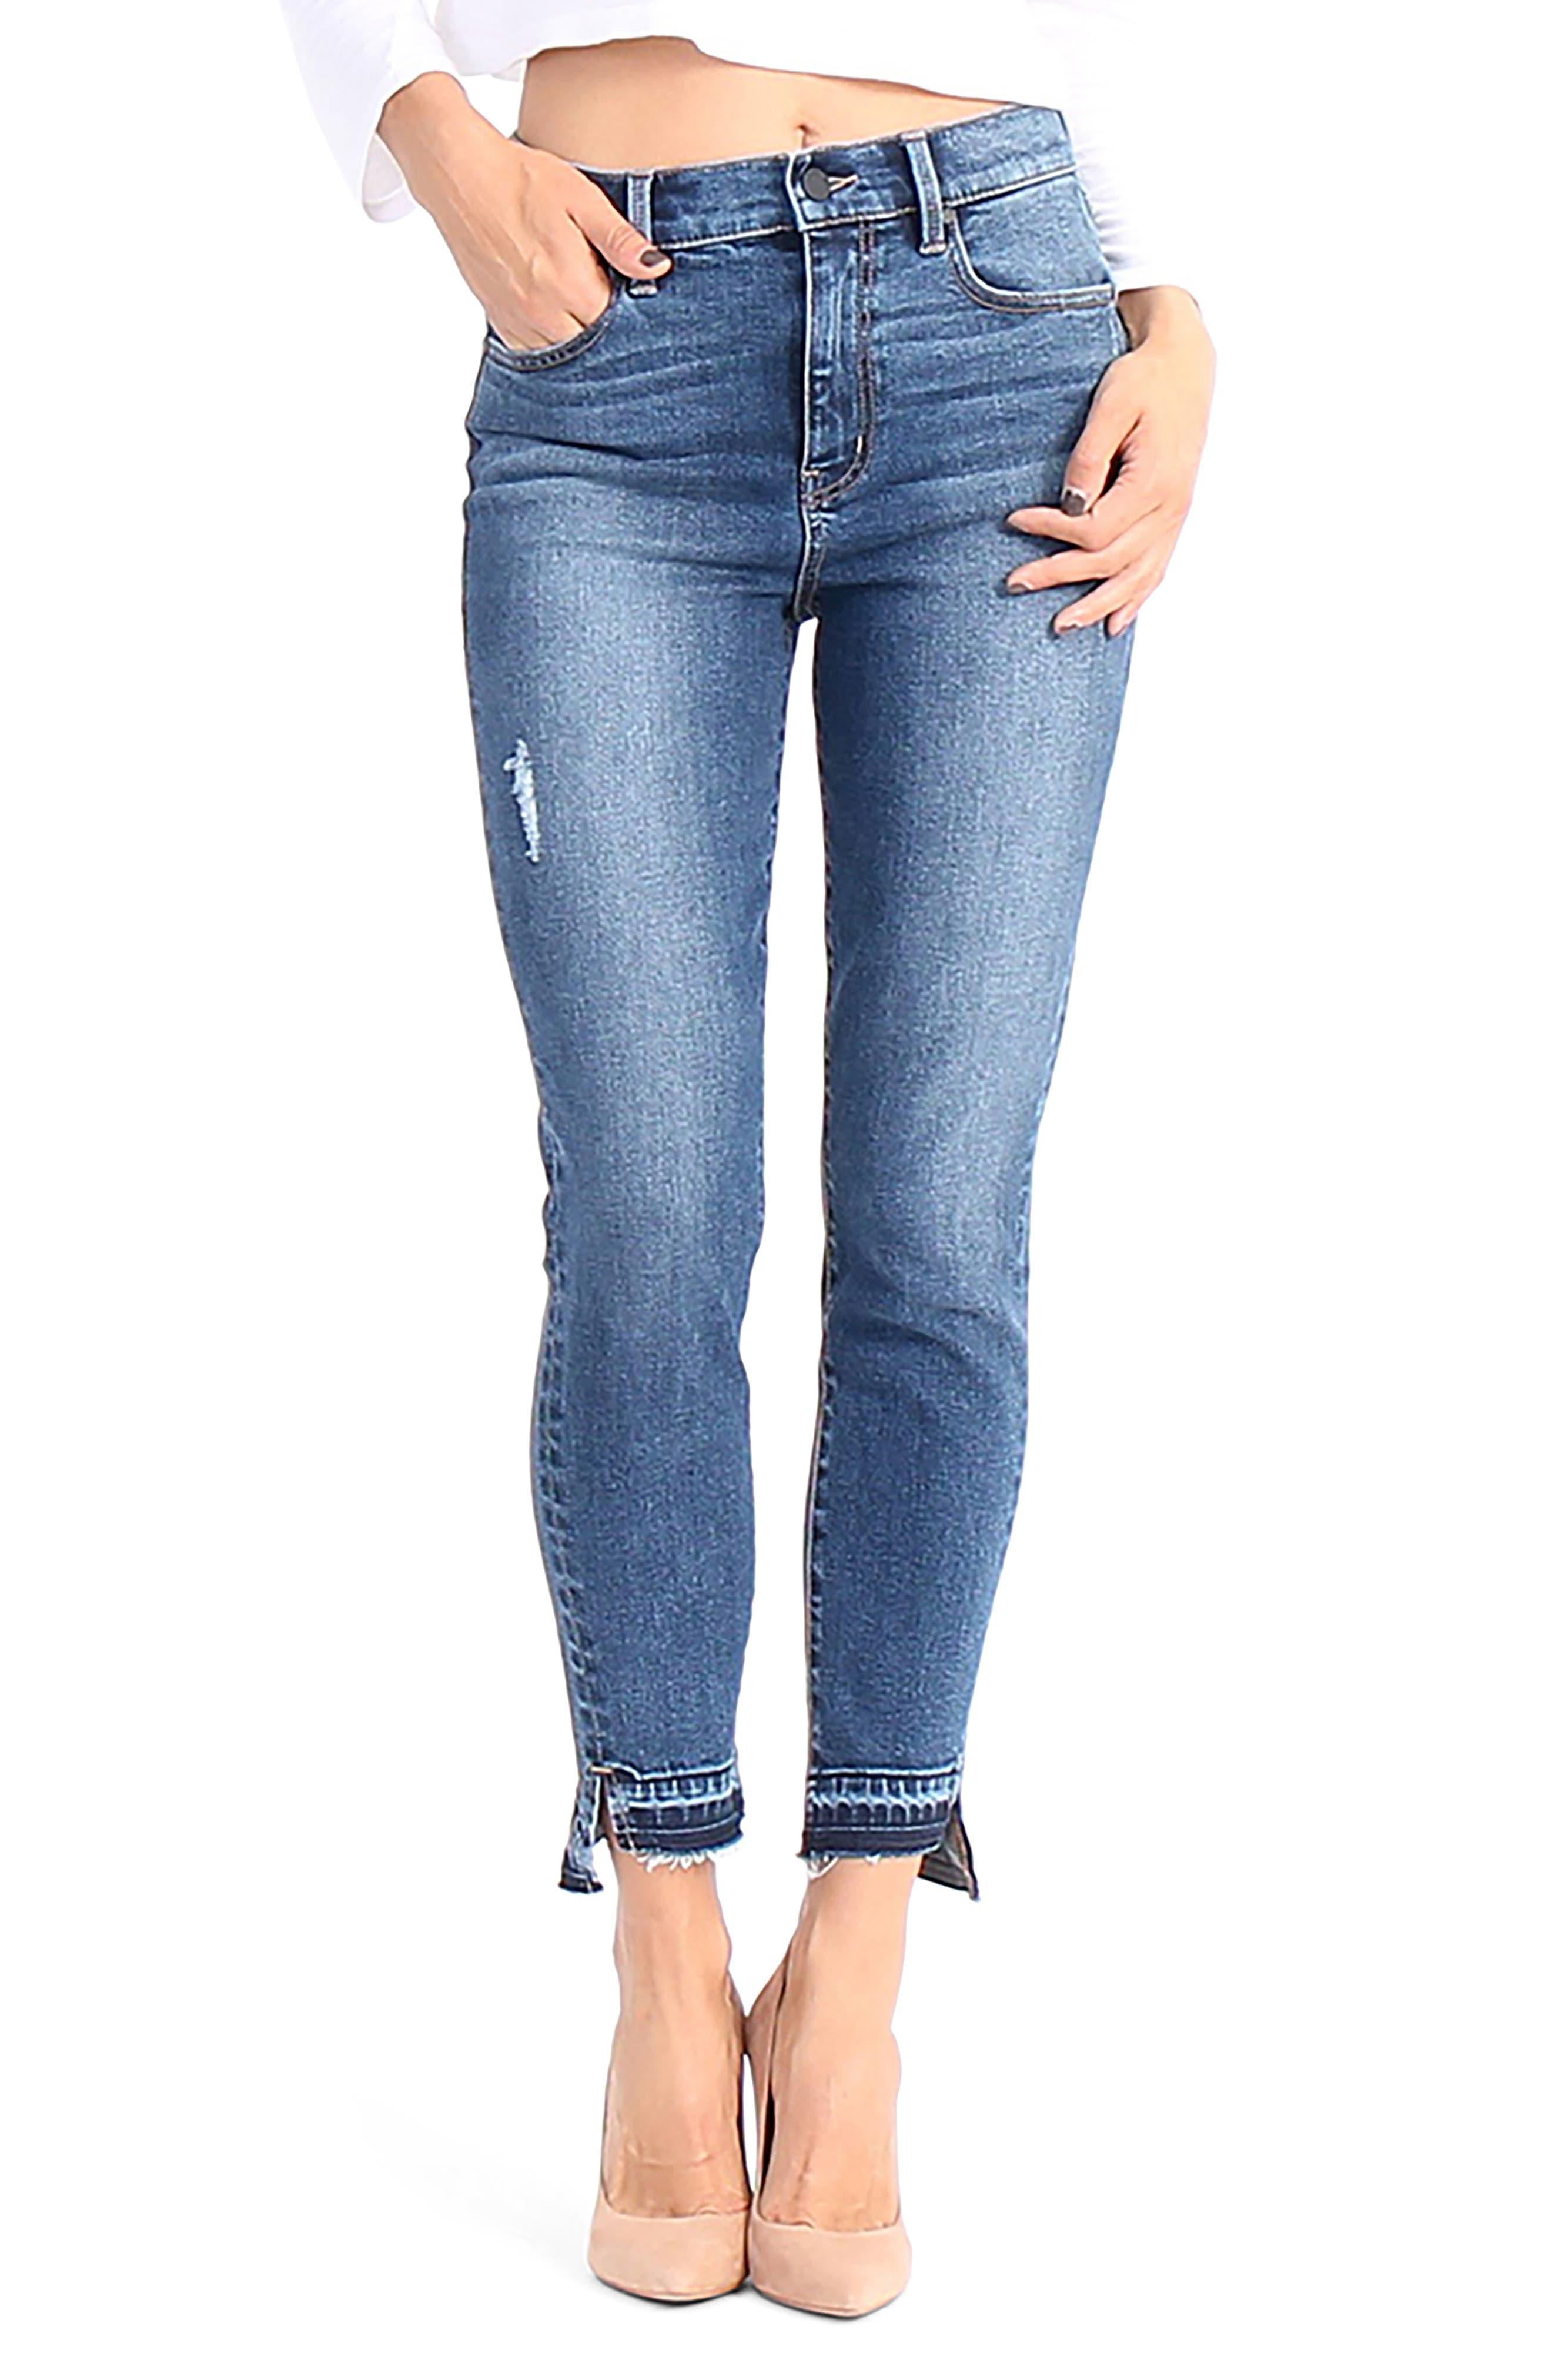 Alternate Image 1 Selected - Level 99 Elle Uneven Hem Skinny Jeans (After Glow)